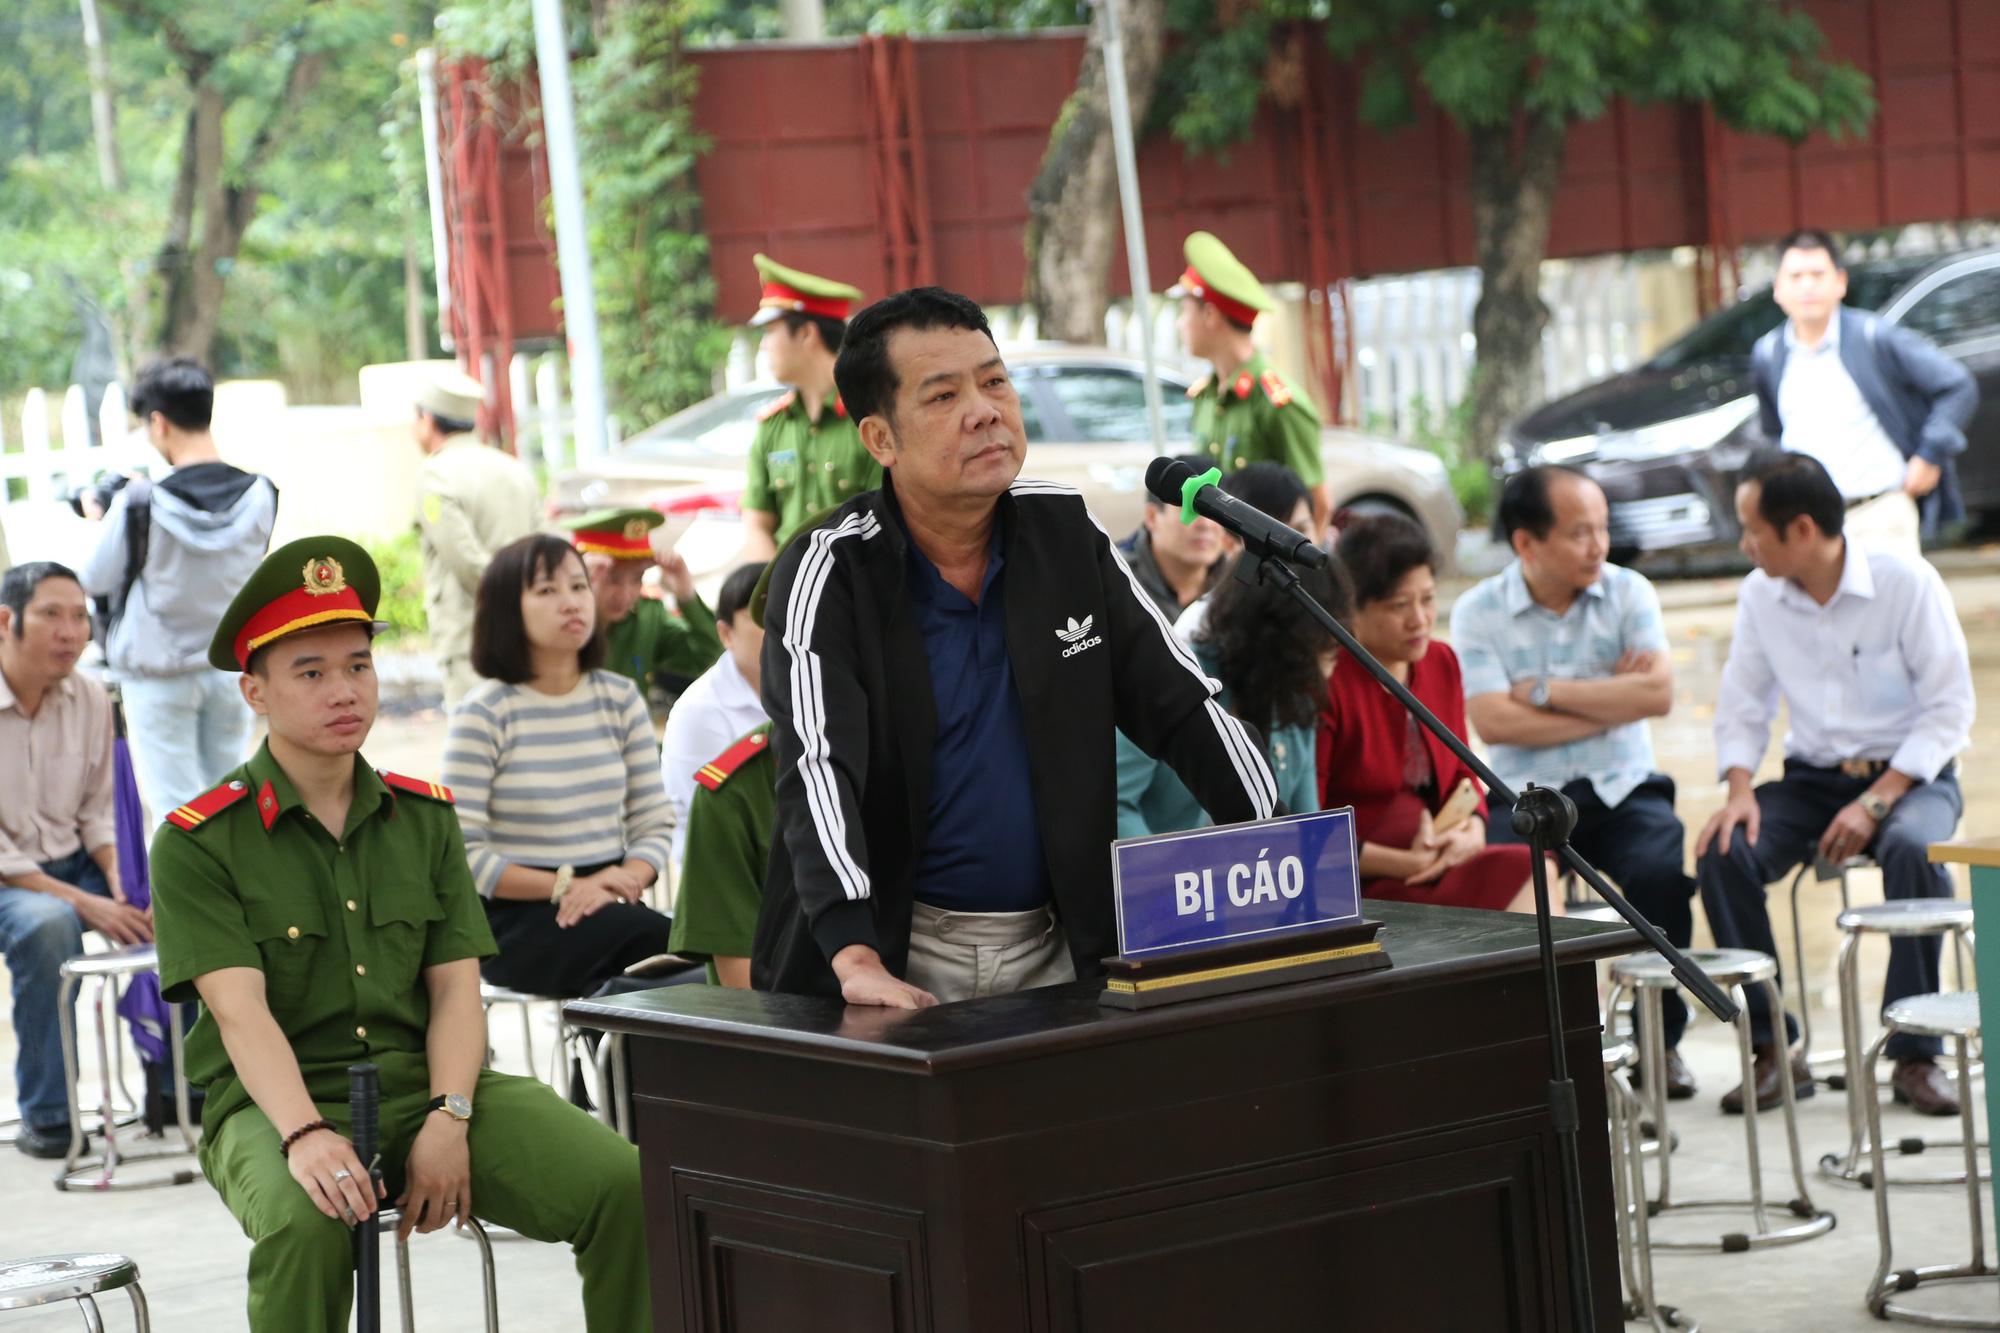 Ảnh: Phiên toà xét xử Giám đốc rút súng doạ 'bắn vỡ sọ' tài xế xe tải - Ảnh 6.